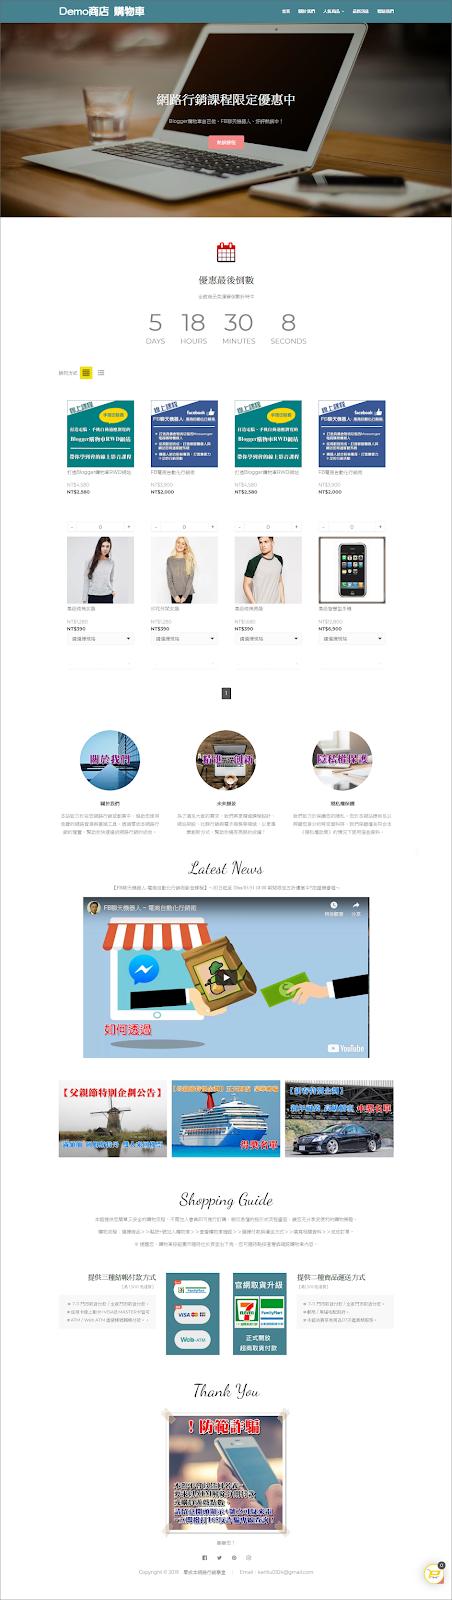 用Google Blogger打造RWD購物車與金流系統網站